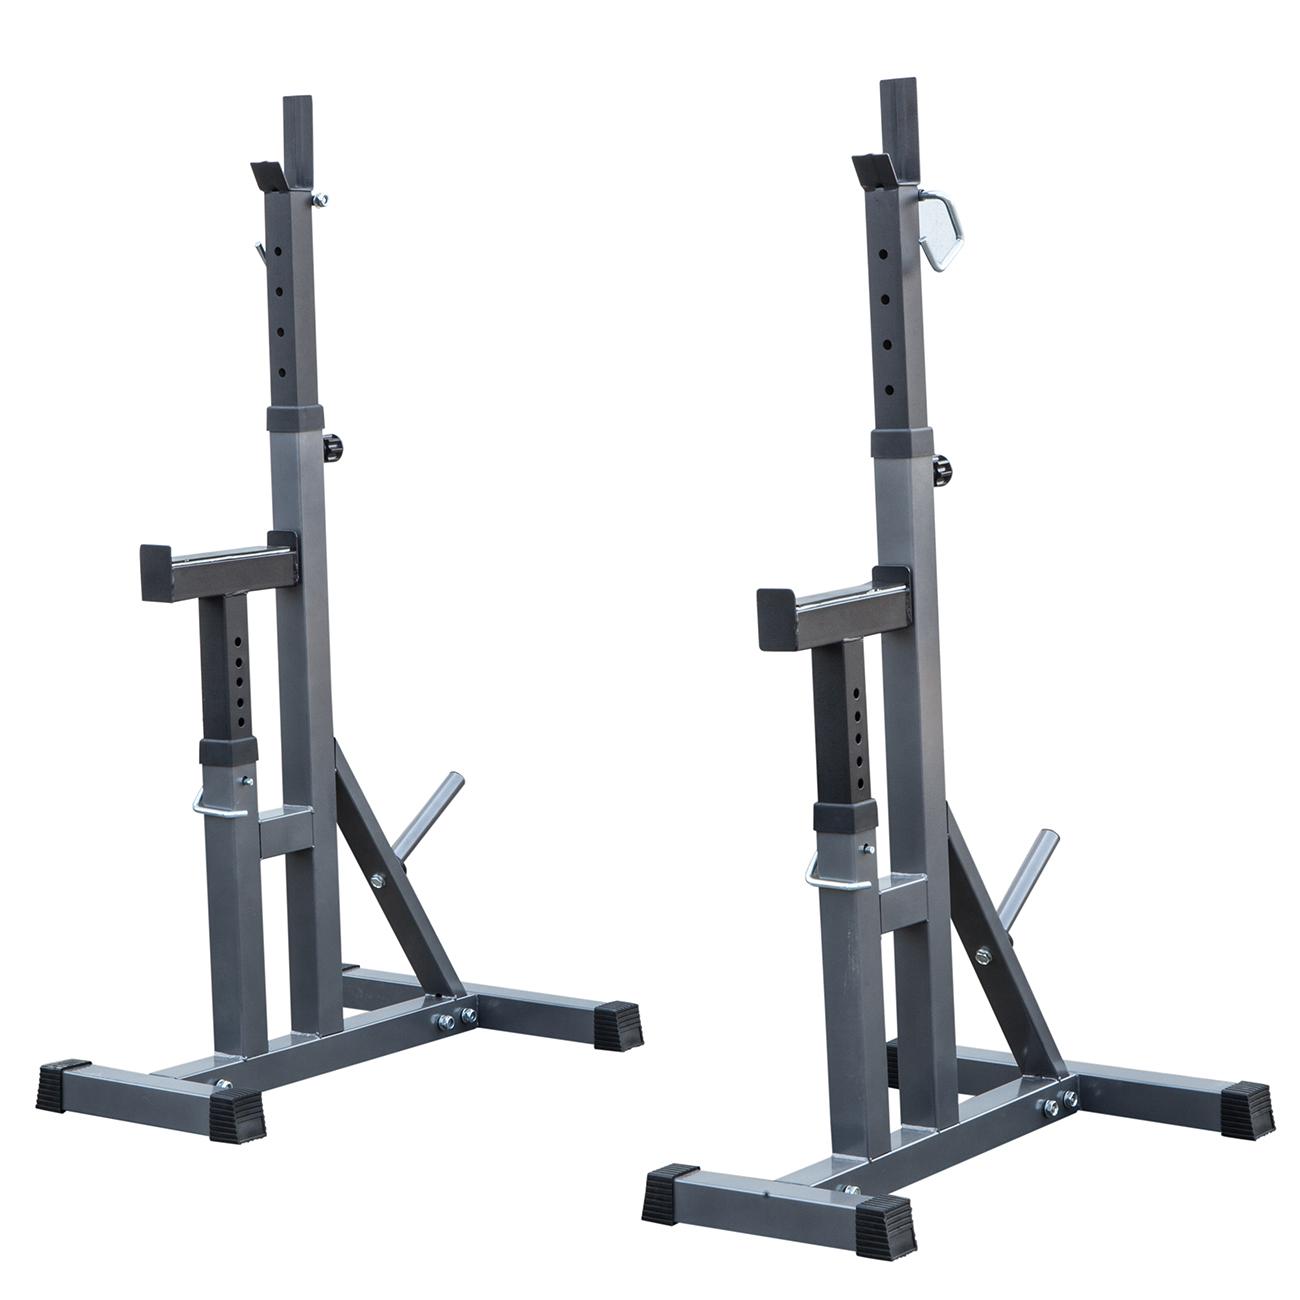 2pcs Adjustable Rack Standard Steel Squat Stands Barbell